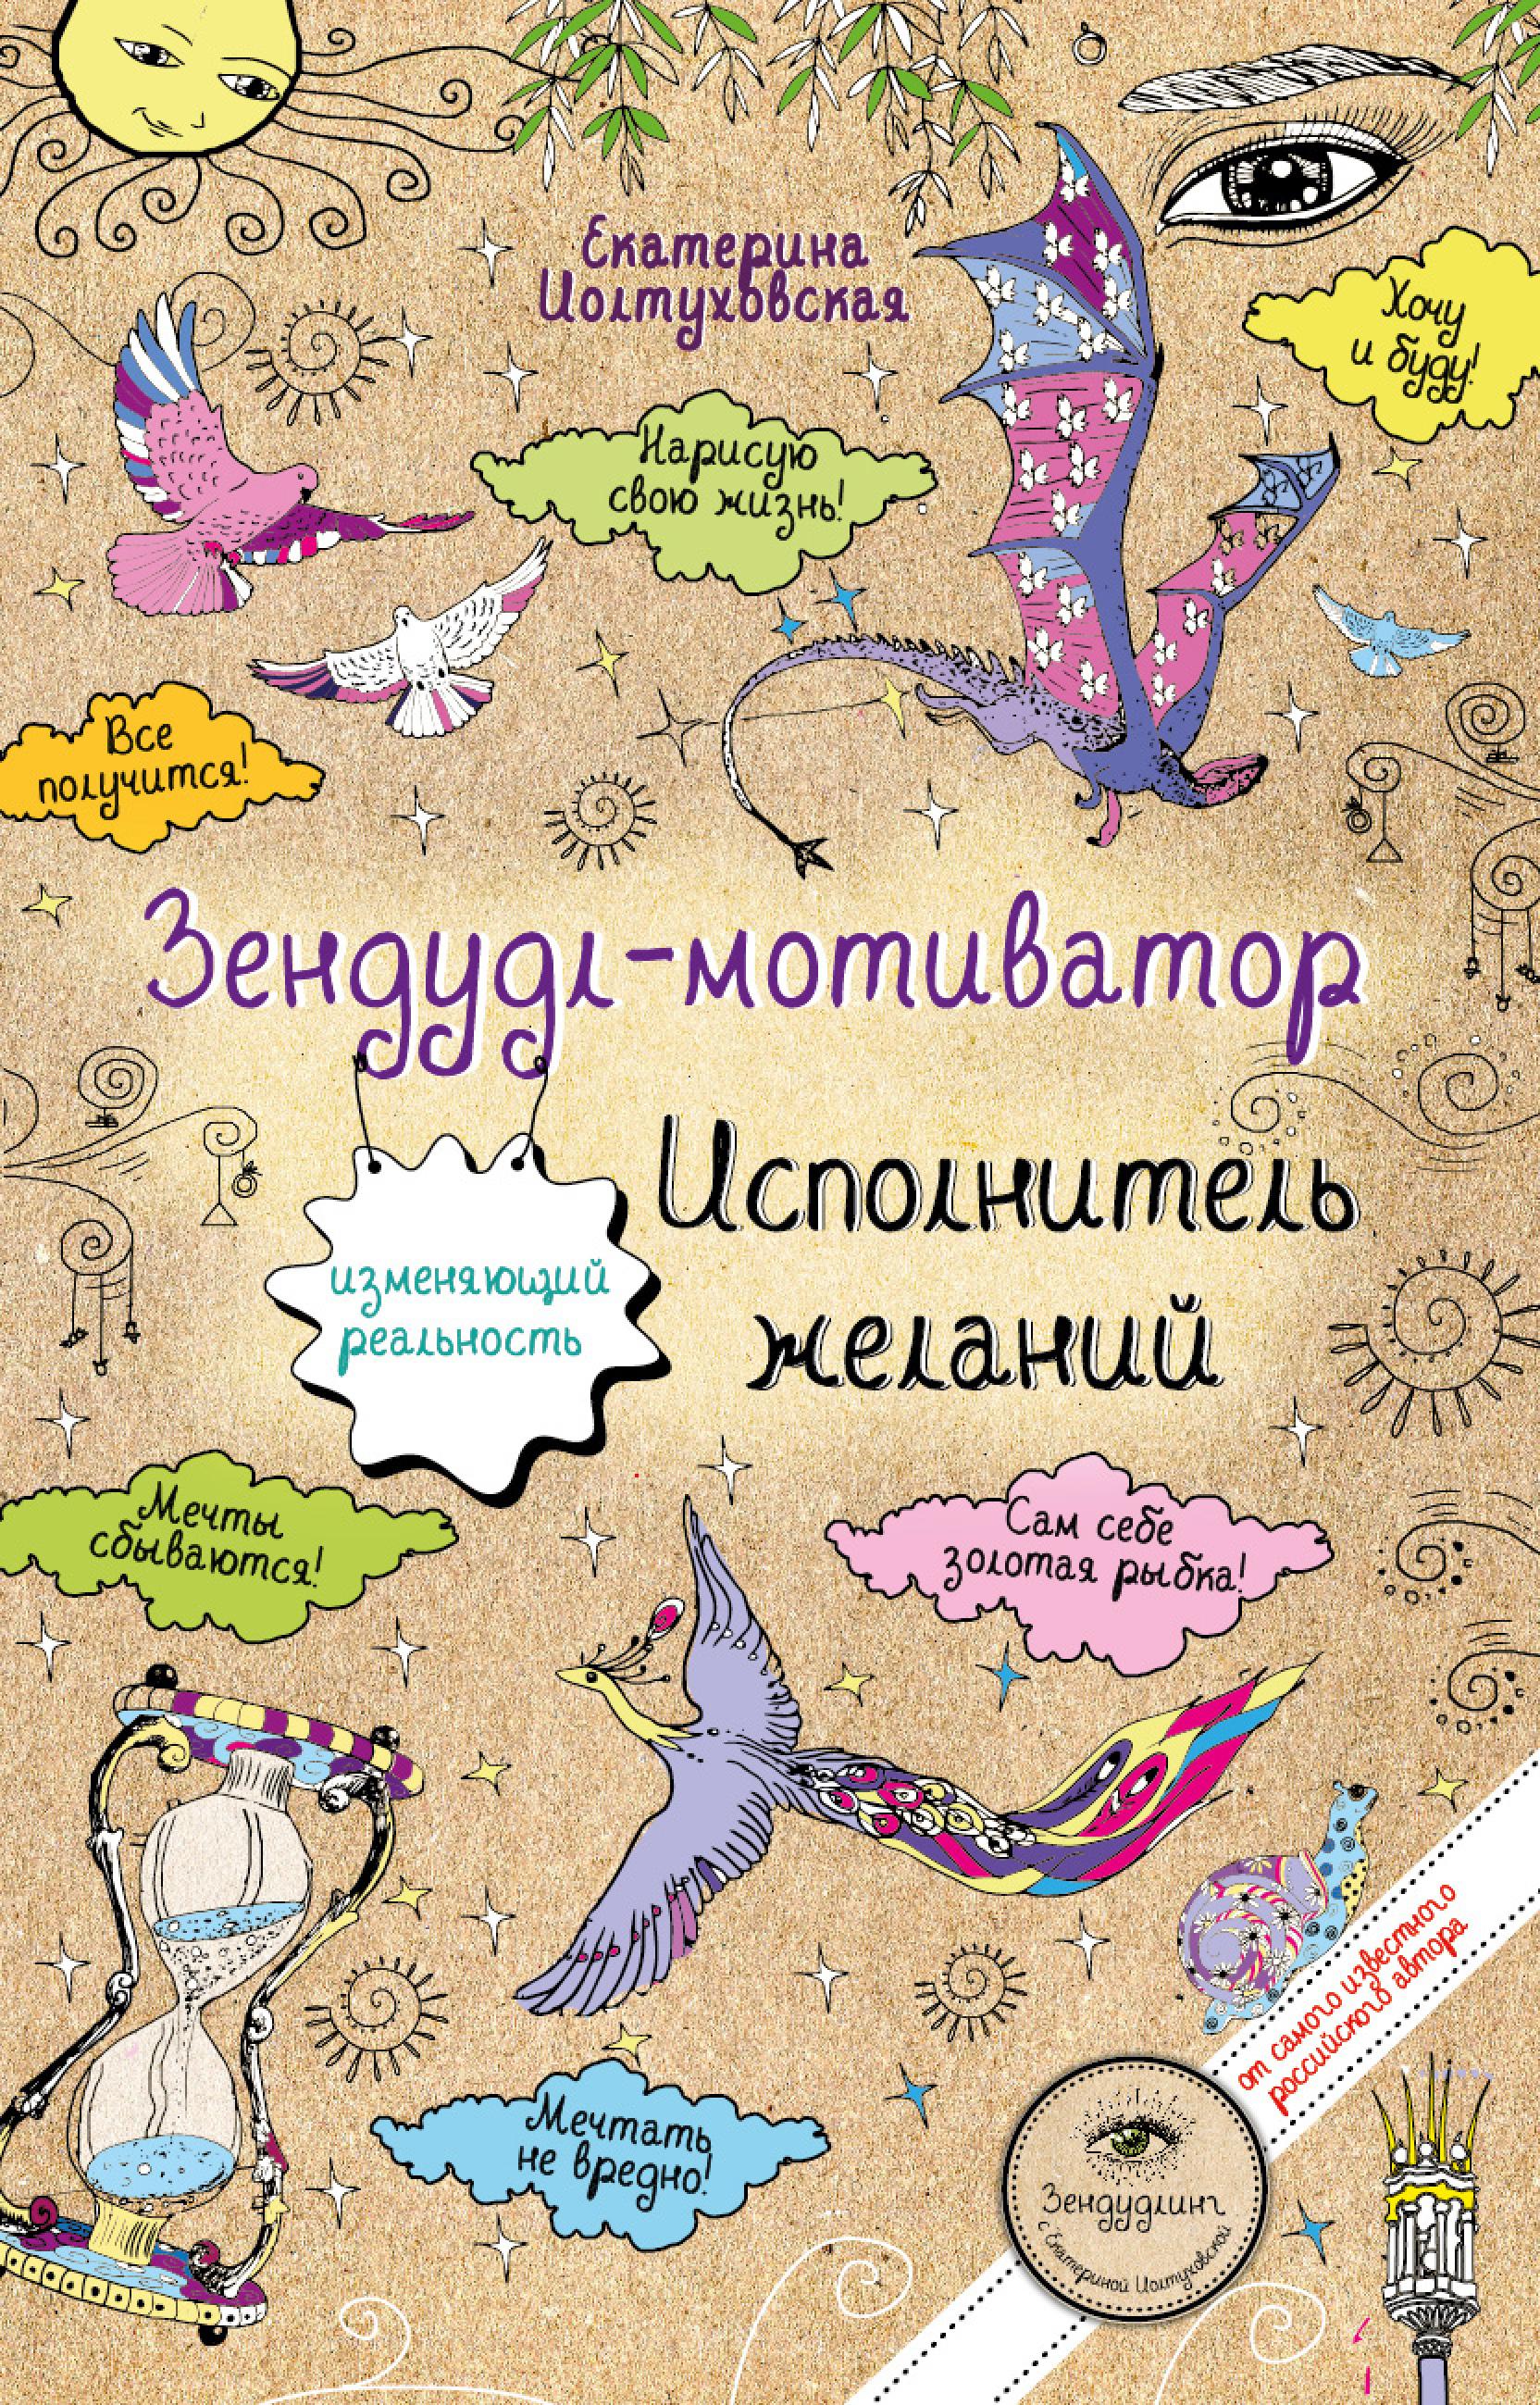 Екатерина Иолтуховская Зендудл-мотиватор. Исполнитель желаний. Творческий блокнот, изменяющий реальность